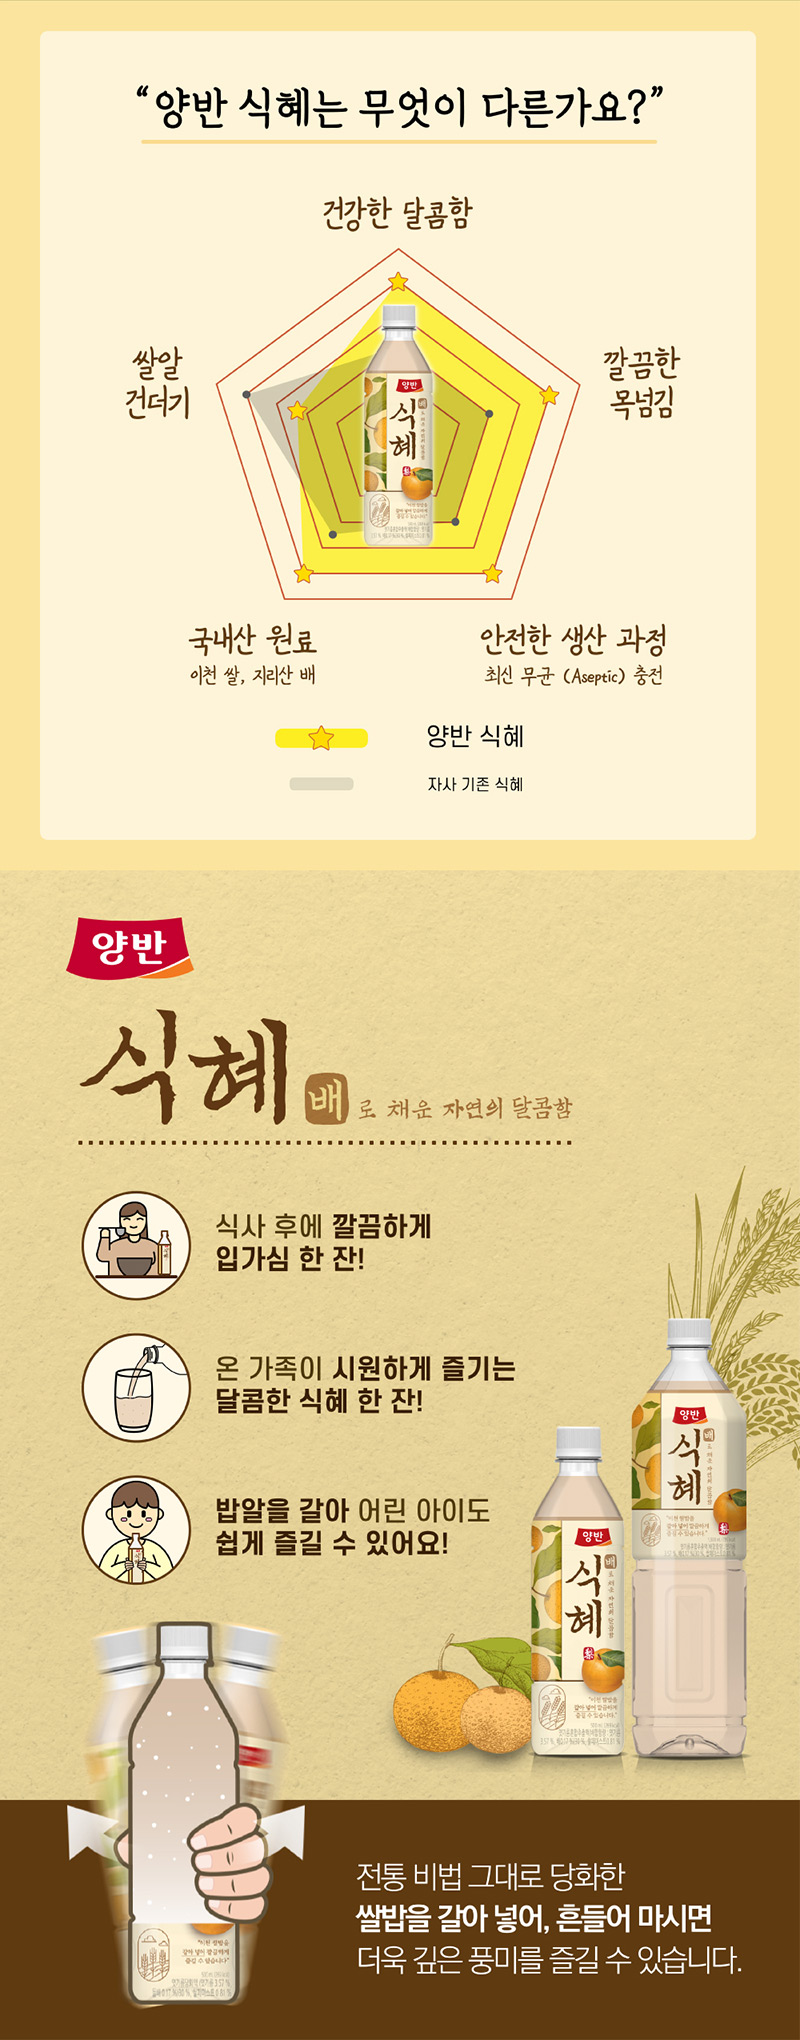 양반 식혜는 무엇이 다른가요 건강한 달콤함 깔끔한 목넘김 안전한 생산 과정 국내산 원료 쌀알 건더기